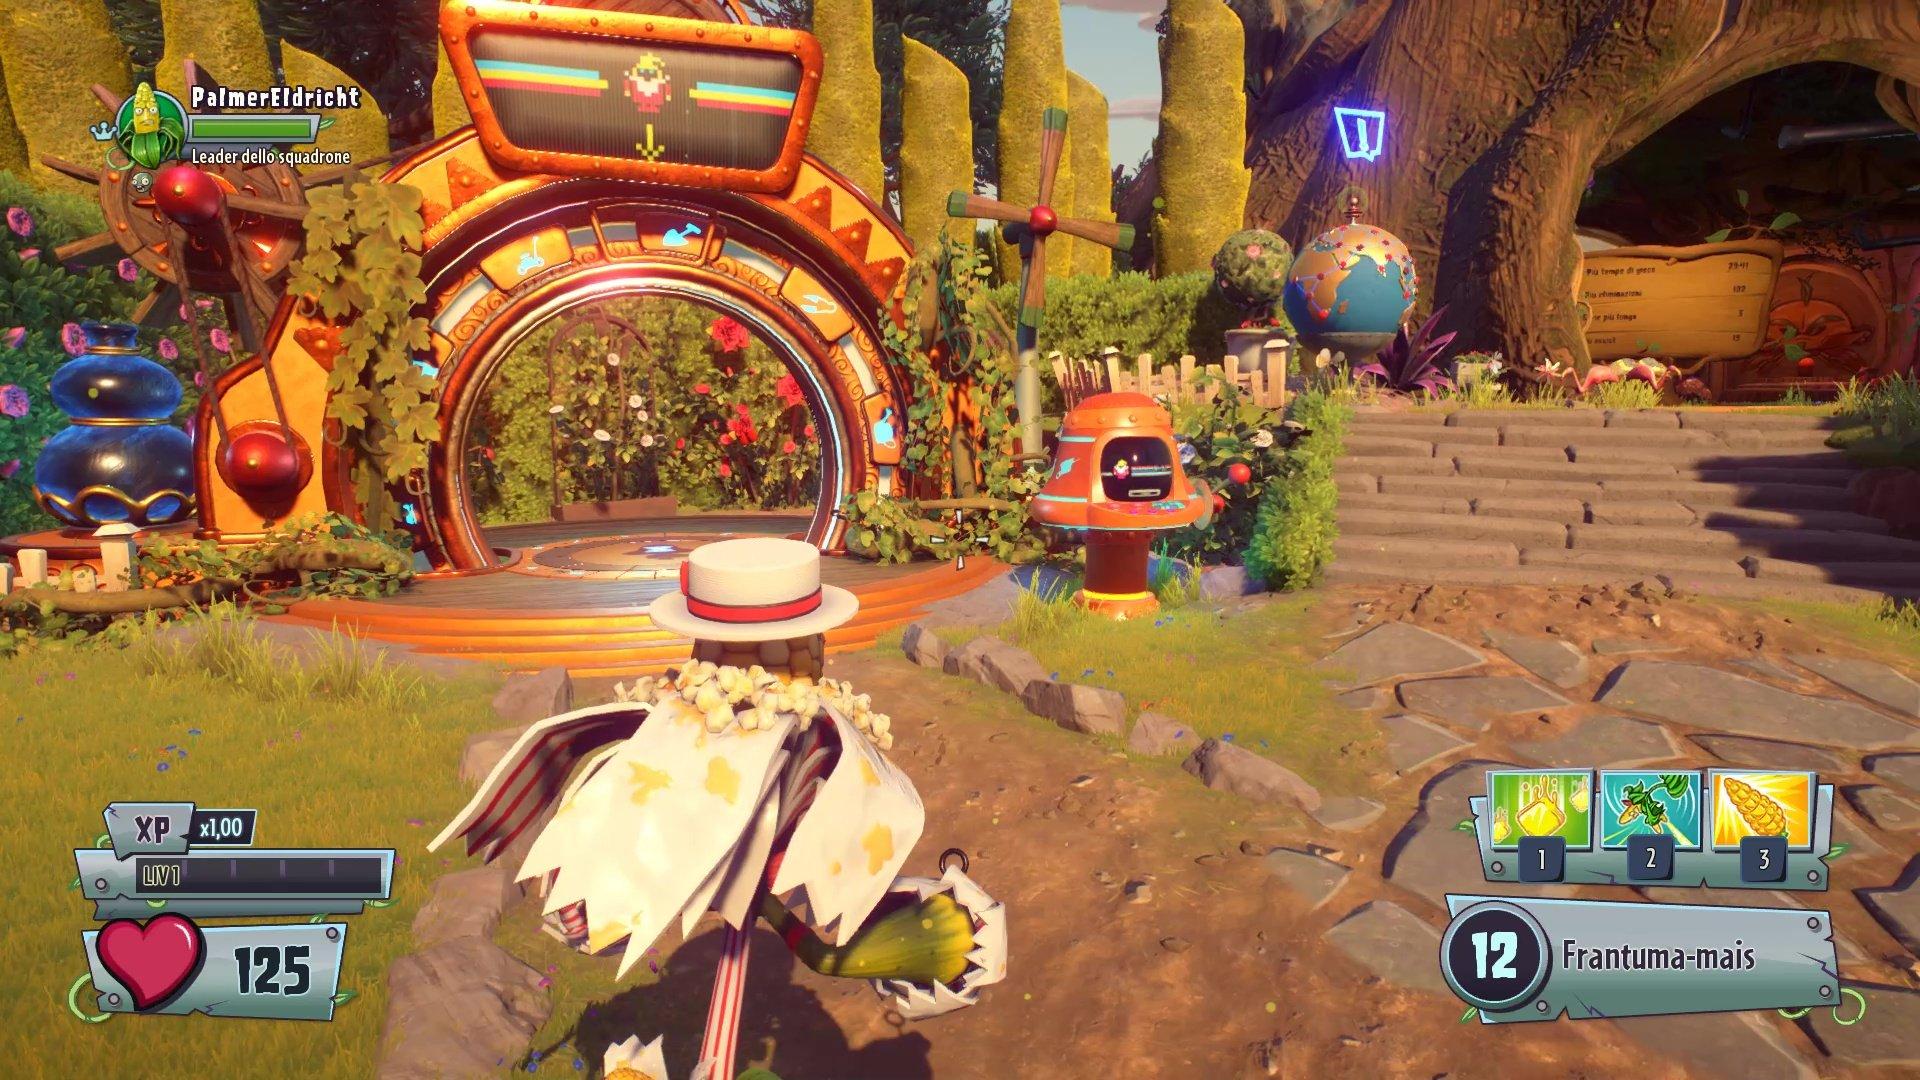 Plants vs Zombies: Garden Warfare 2 - Recensione - The Games Machine